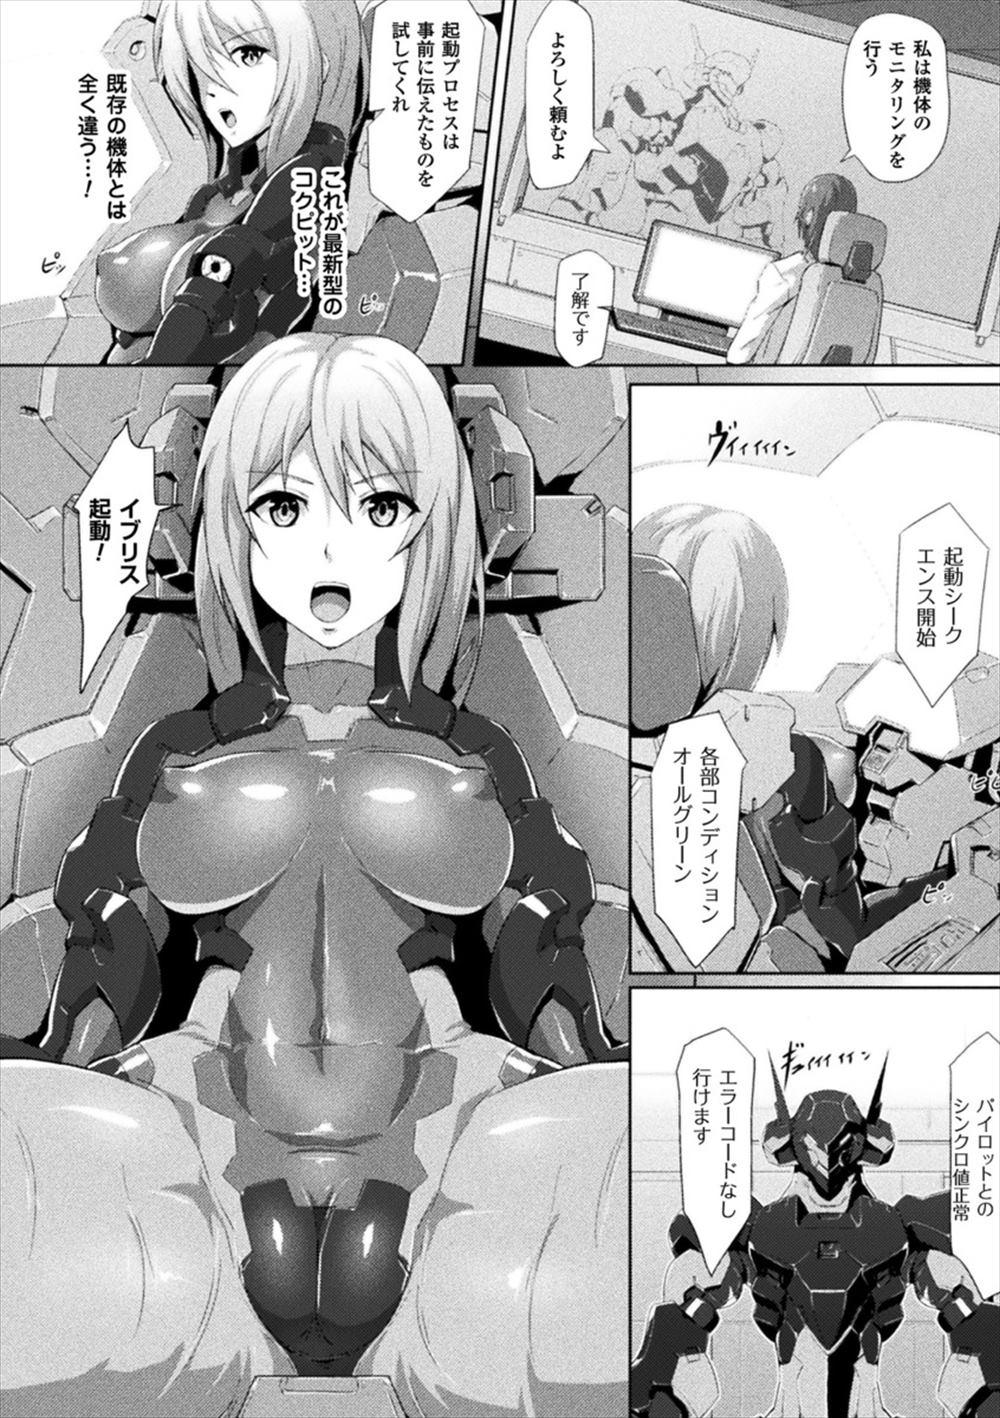 【エロ漫画】機械と人間の完全な融合のために快楽倍増の媚薬を打ち込まれ機械触手で二穴ファック機械姦レイプされる女ww